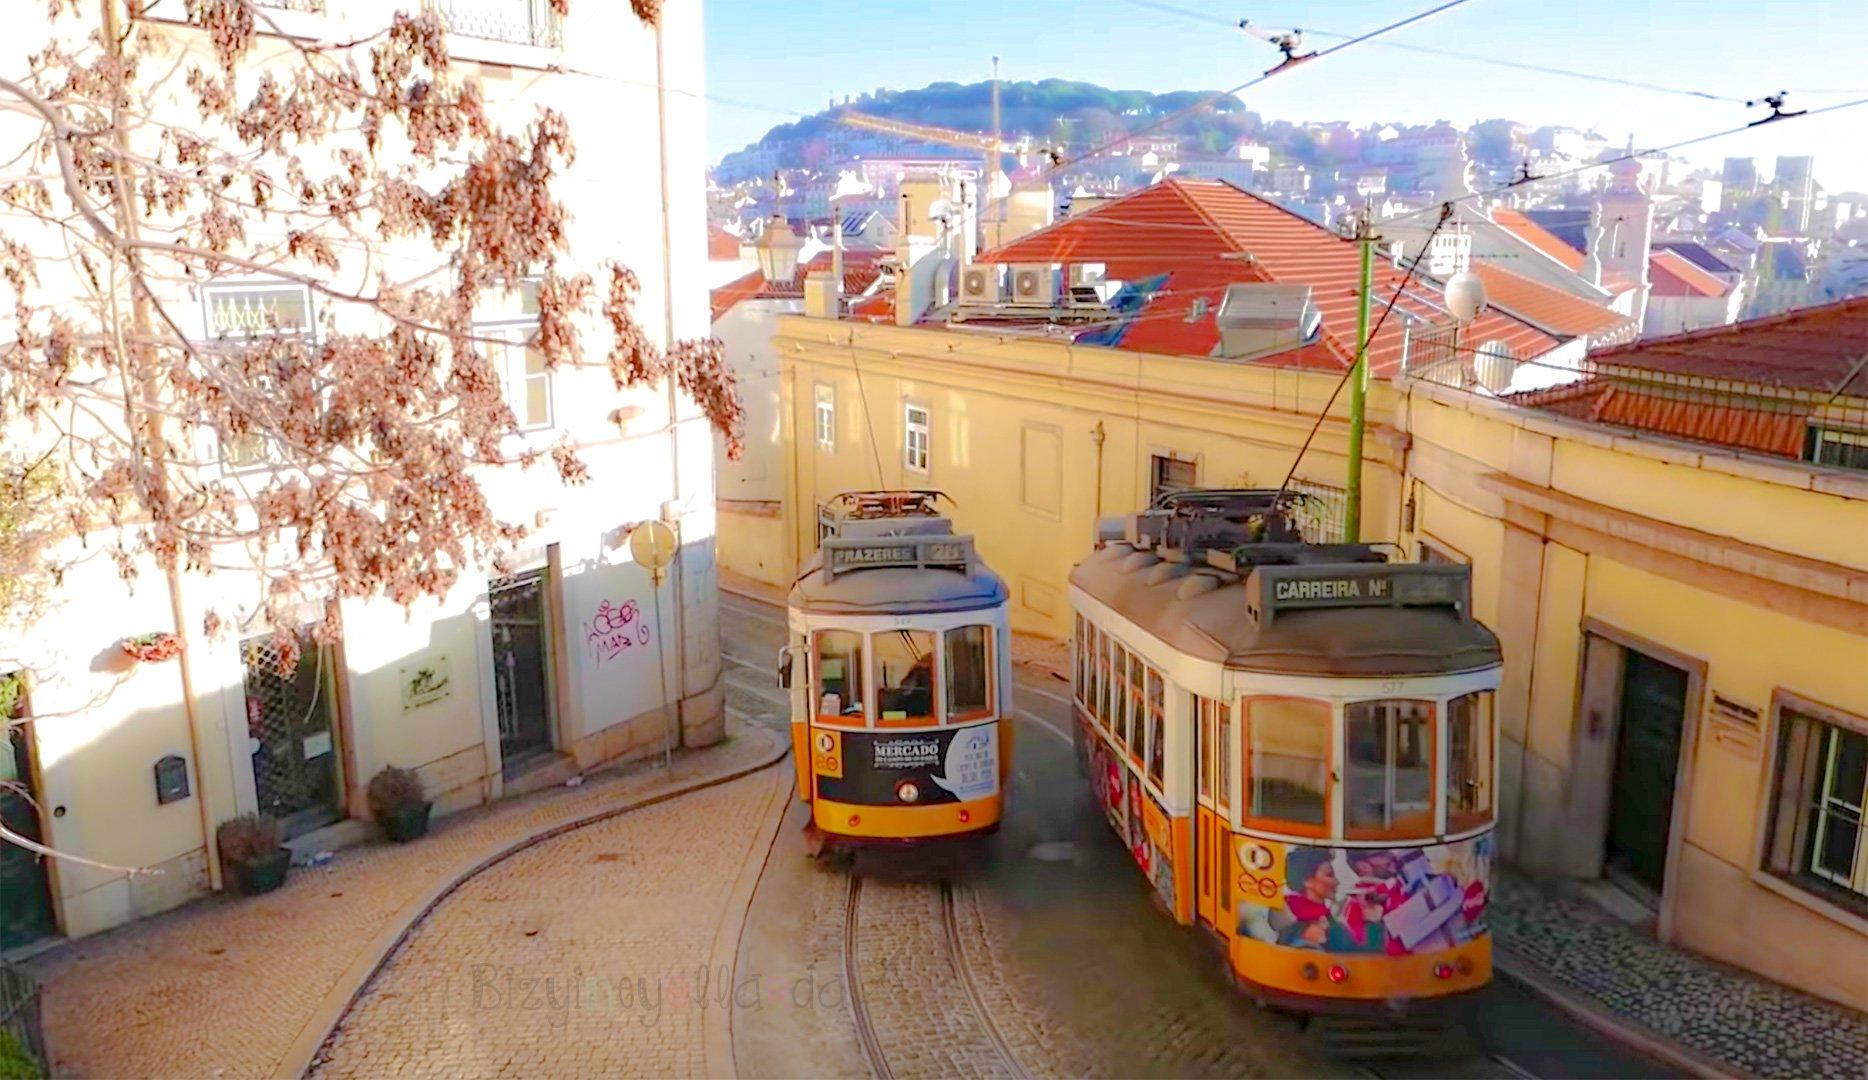 Nostaljik Lizbon Tramvayı